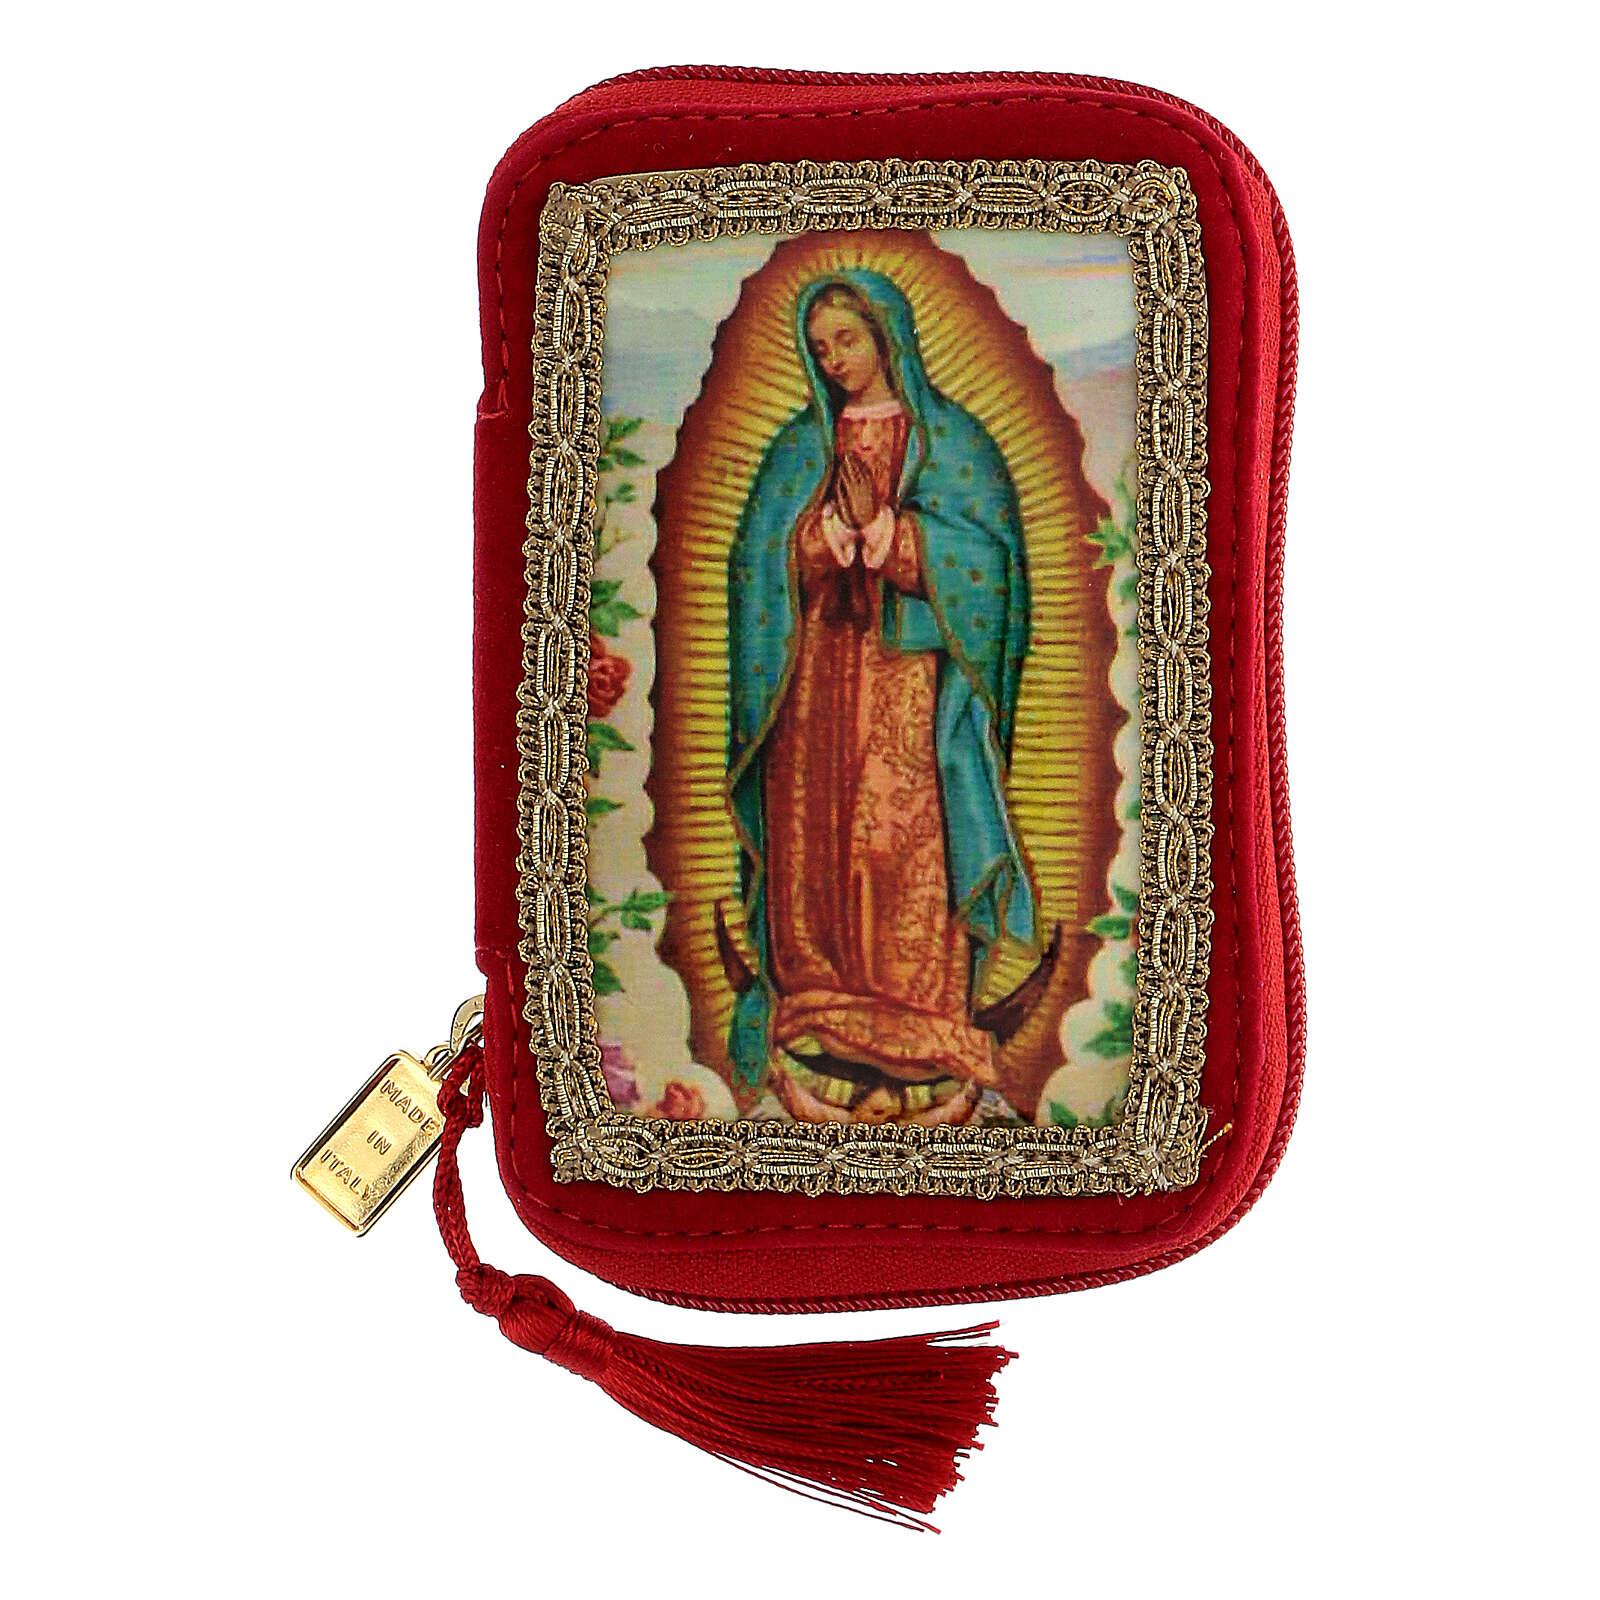 Estuche para viático rojo Virgen de Guadalupe relicario diám 5,5 cm 3